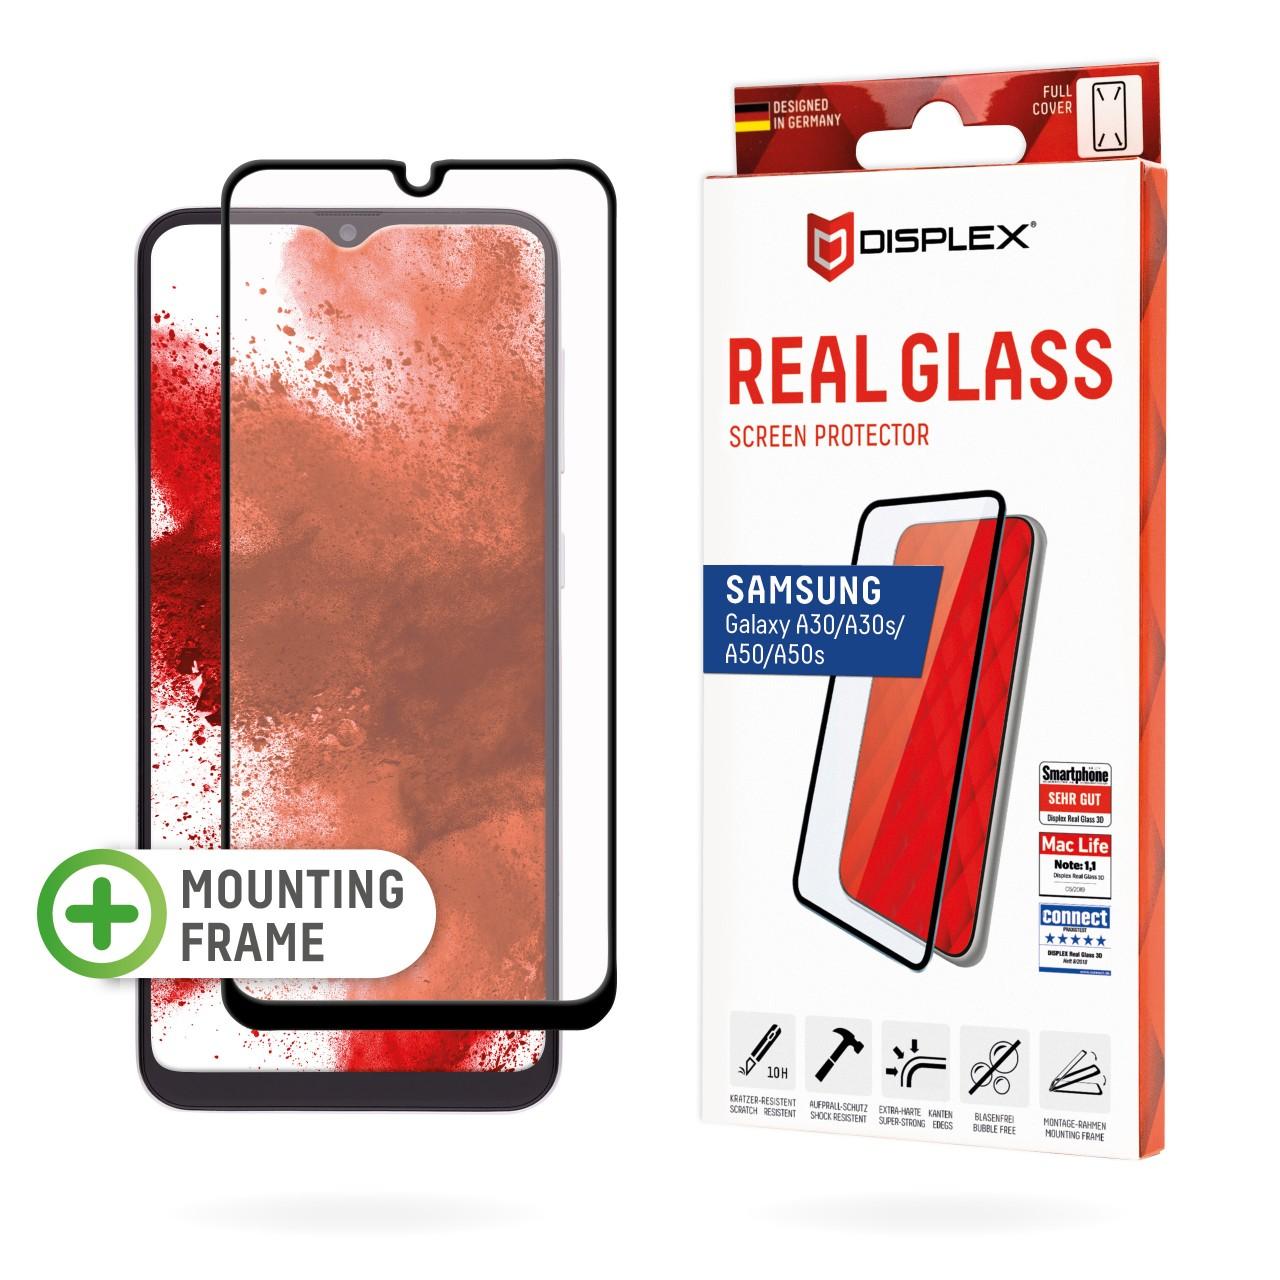 01104-SAMSUNG-Galaxy-A30-A30s-A50-A50s-RealGlass-FC-3D-EN